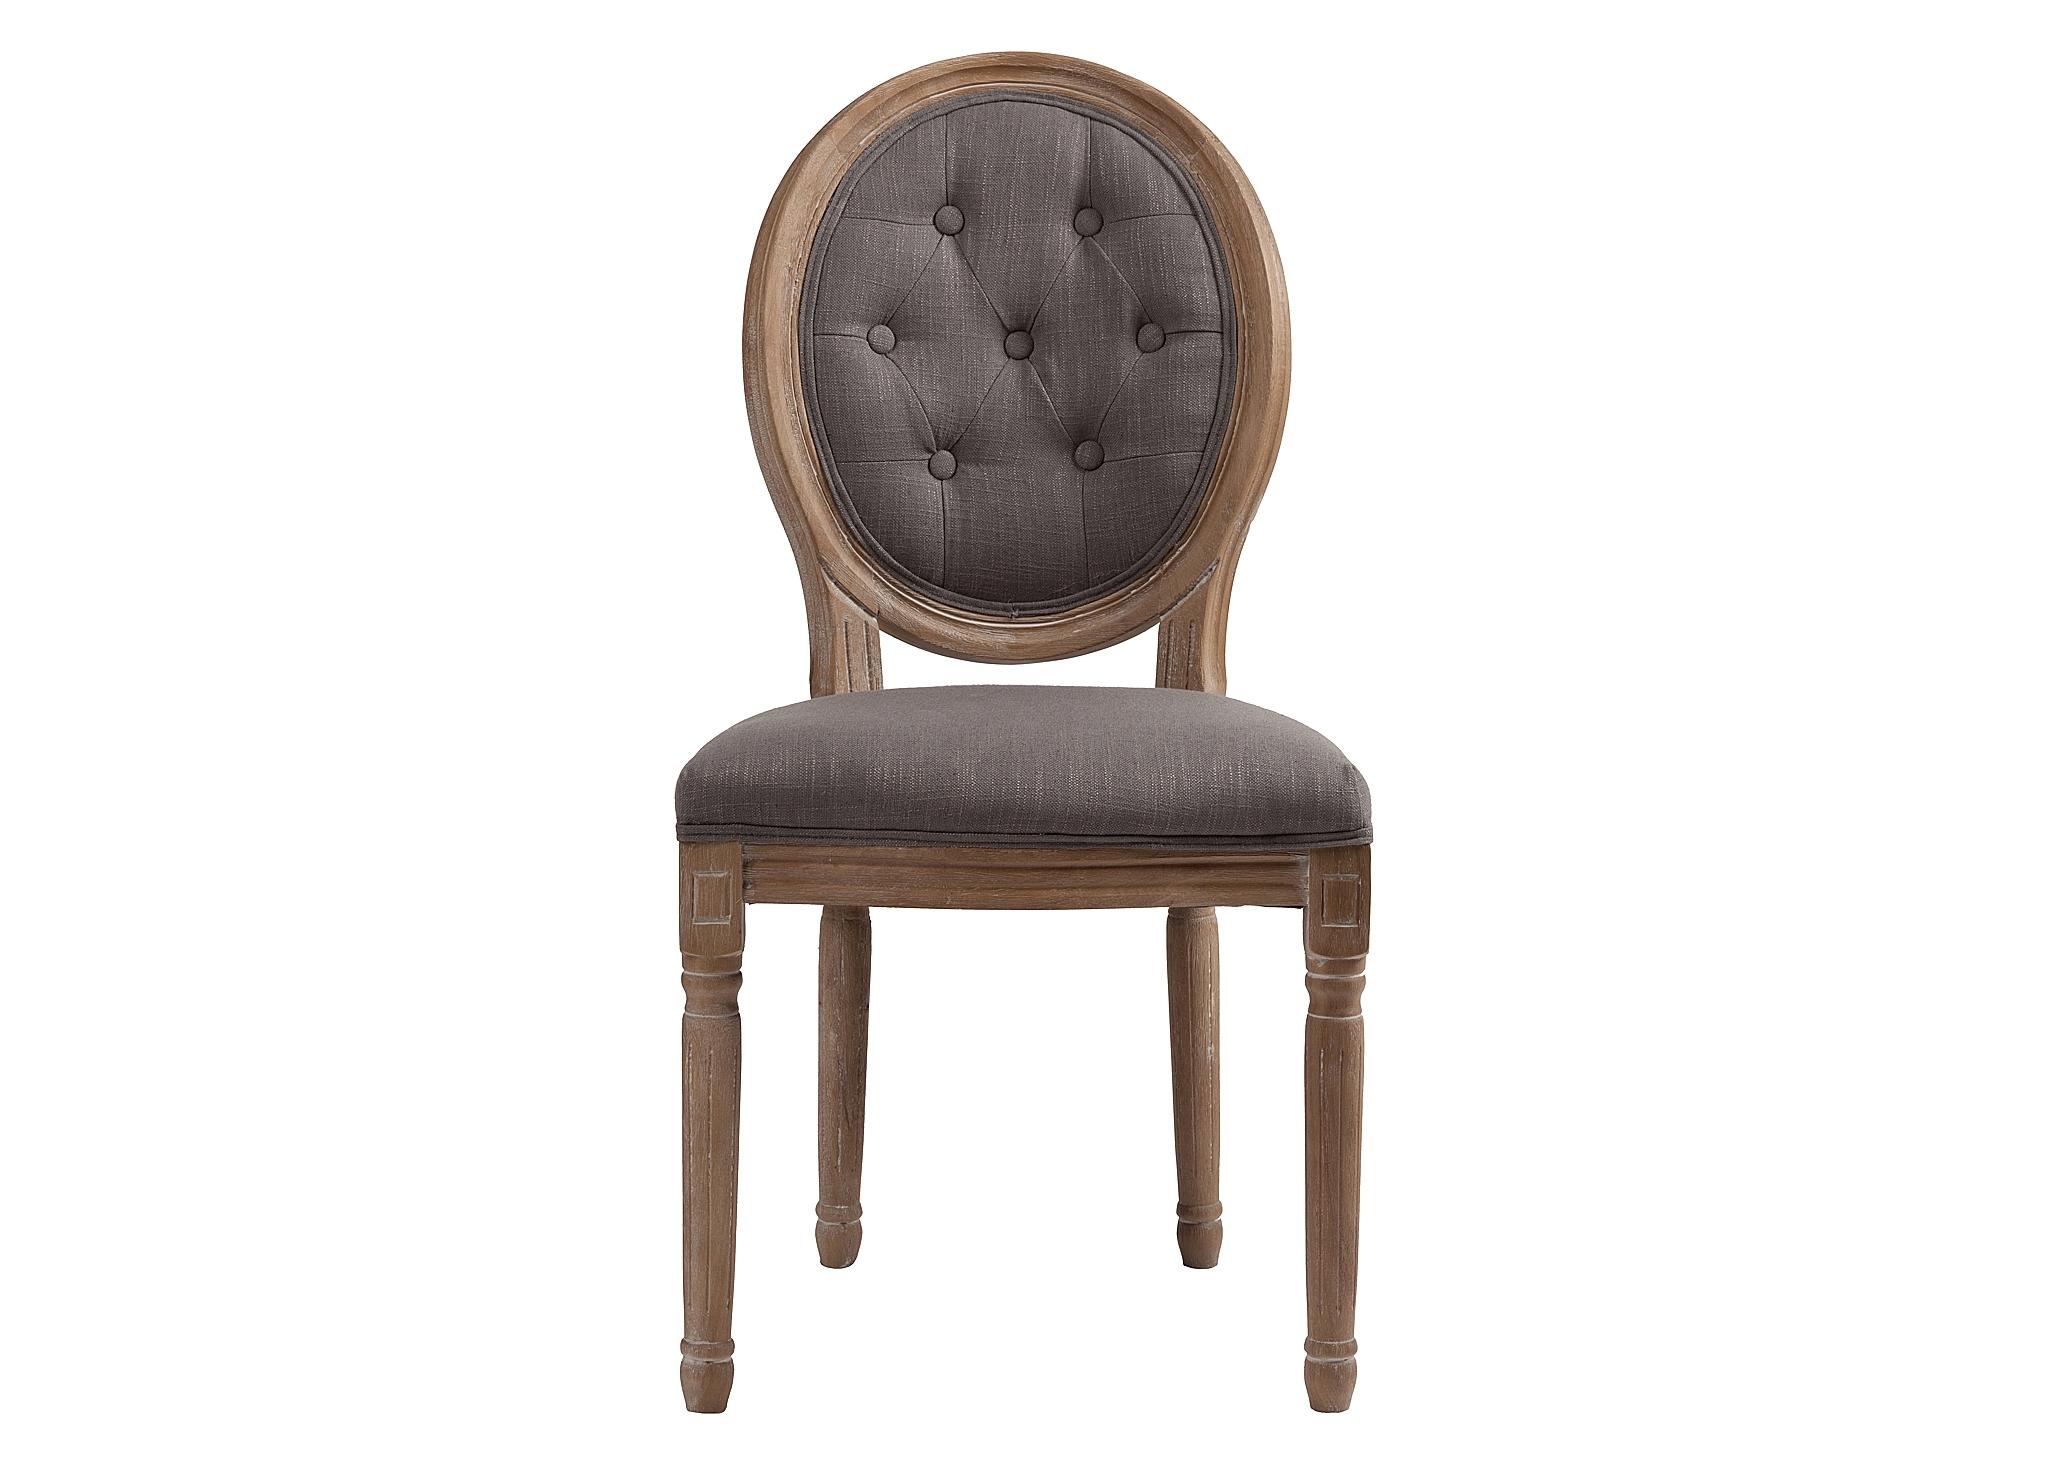 Стул MauriceОбеденные стулья<br>&amp;lt;div&amp;gt;Винтажный стул без подлокотников Maurice идеально подходит для интерьеров в роскошном французском стиле, а также для прованса и шебби-шика. Изящные резные ножки и детали каркаса выточены из древесного массива и искусственно состарены, выбелены, а обивка сиденья и спинки-медальона сшиты из льняной материи теплого серого оттенка с характерной крупной текстурой.&amp;lt;/div&amp;gt;<br><br>Material: Лен<br>Width см: 50<br>Depth см: 56<br>Height см: 96